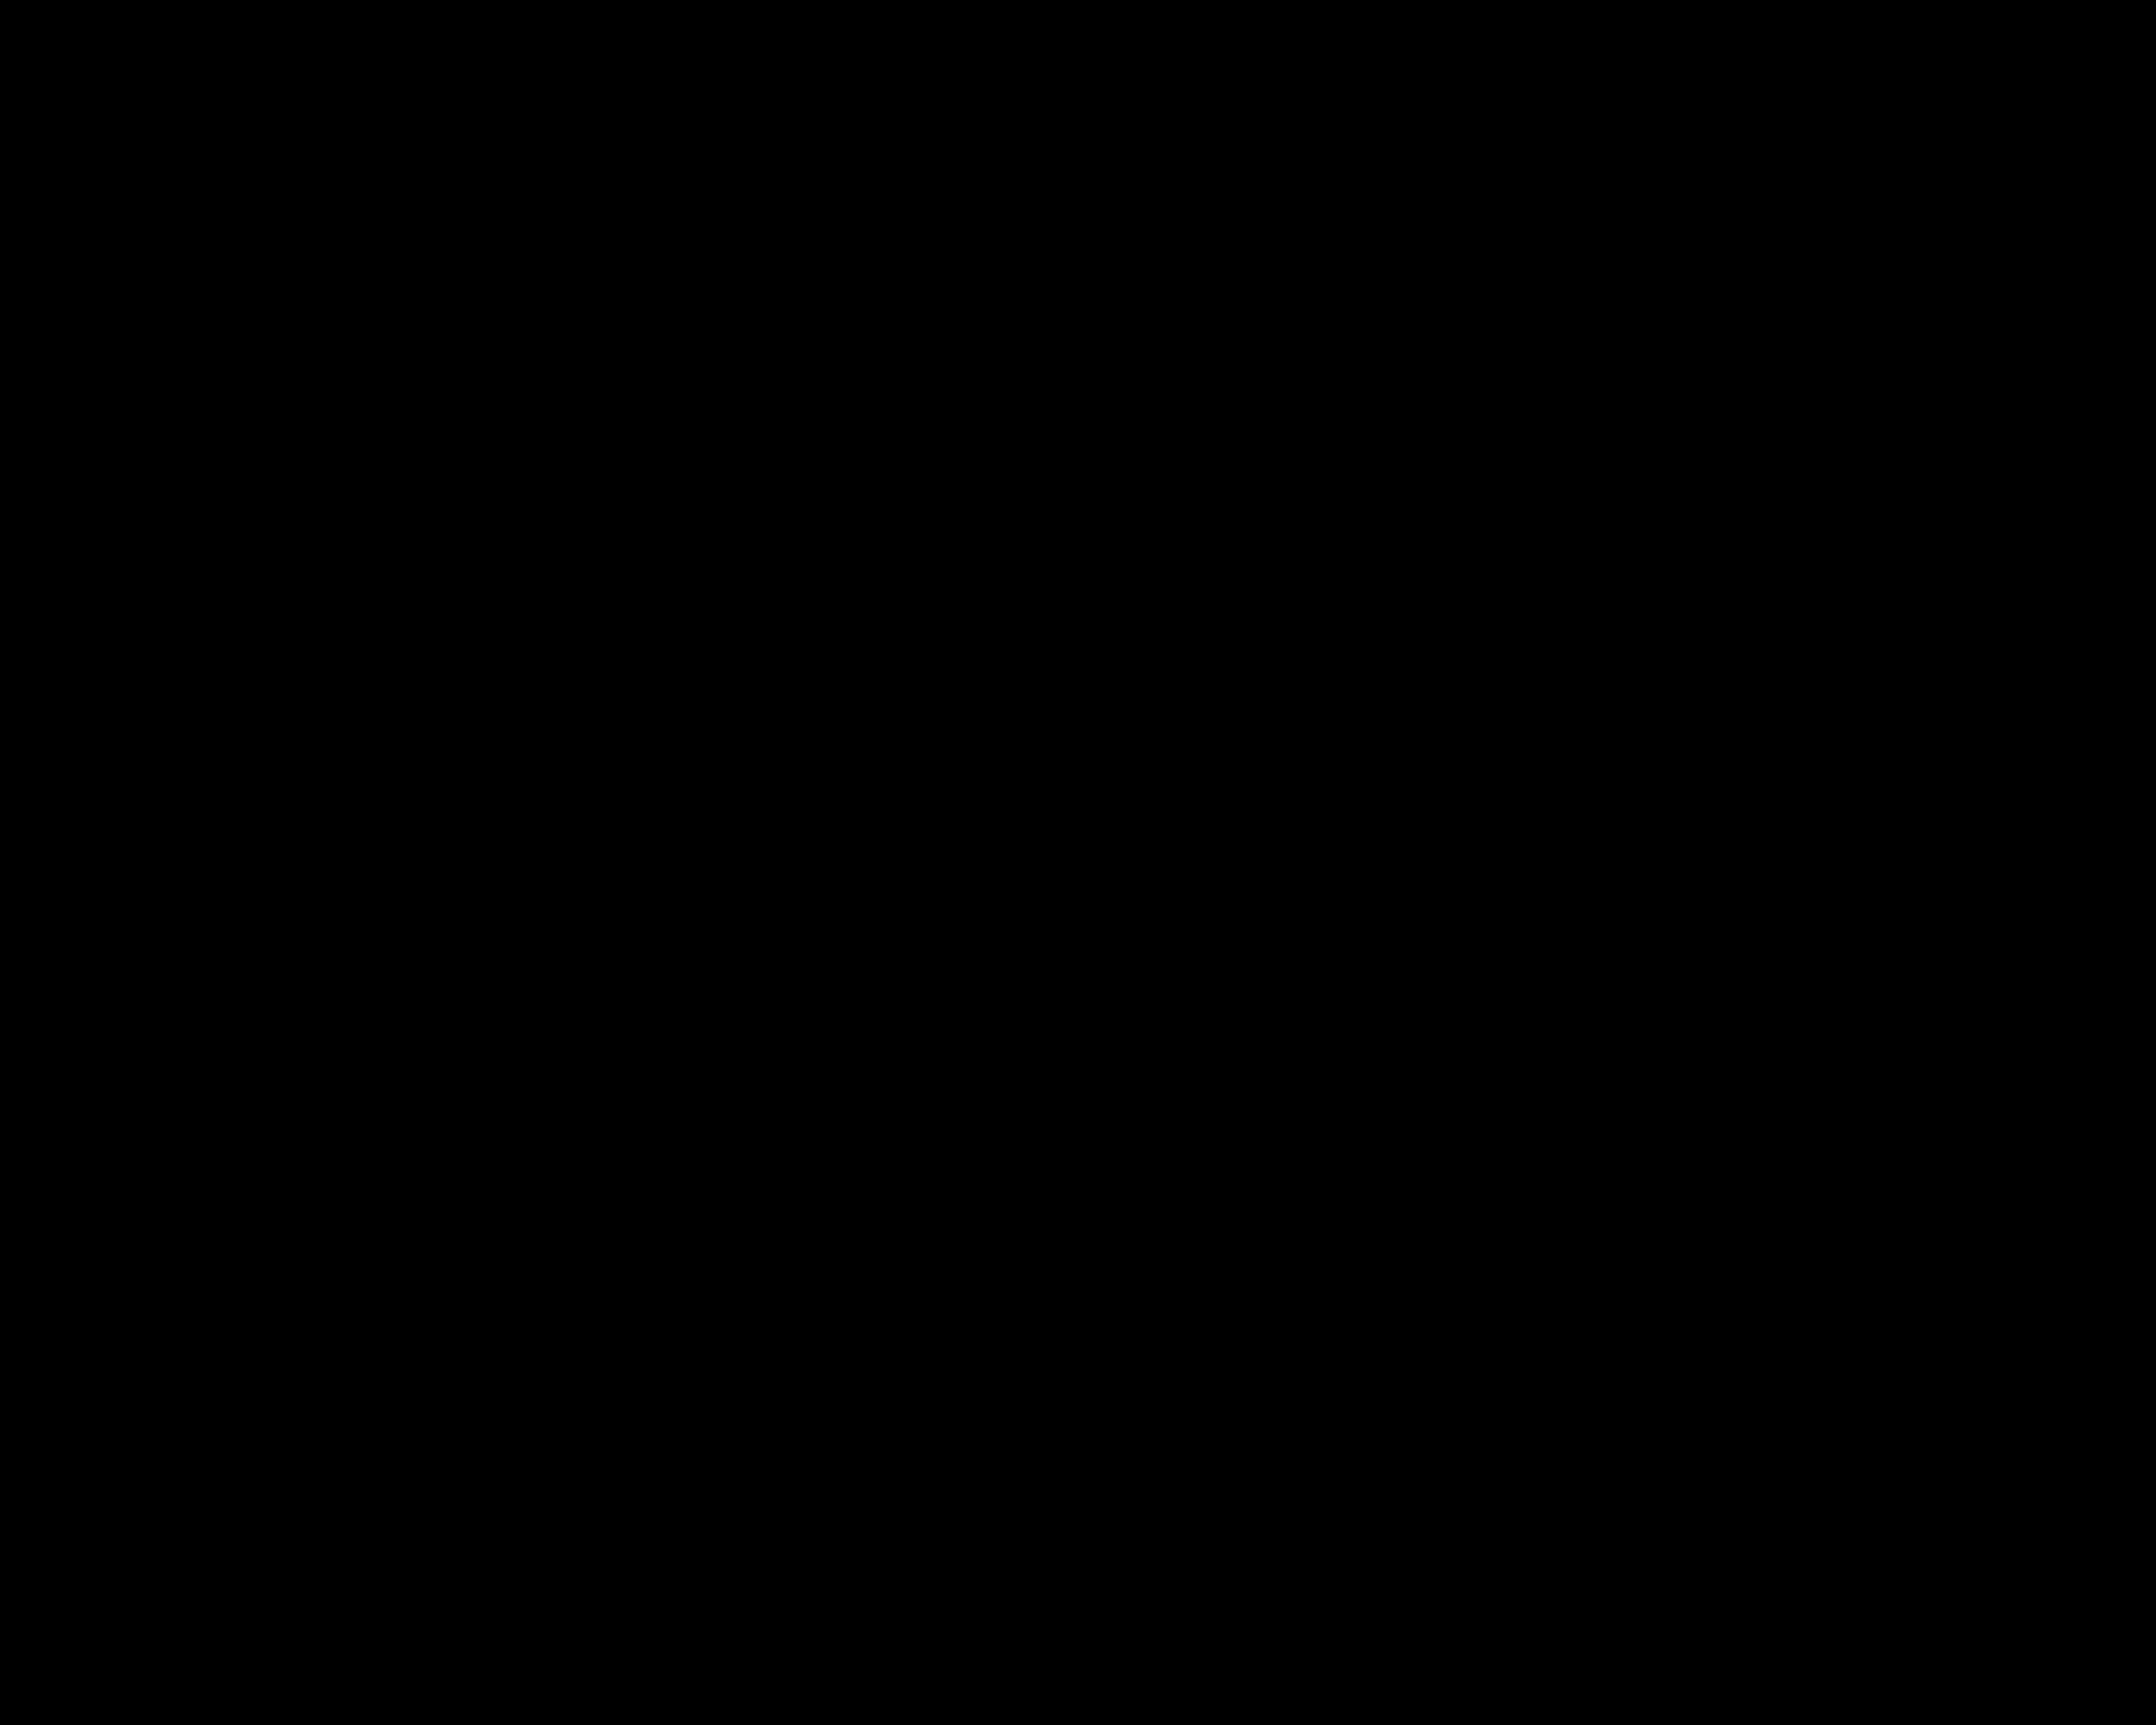 Abschnitt einer Test- und Rennstrecke, Bilster Berg